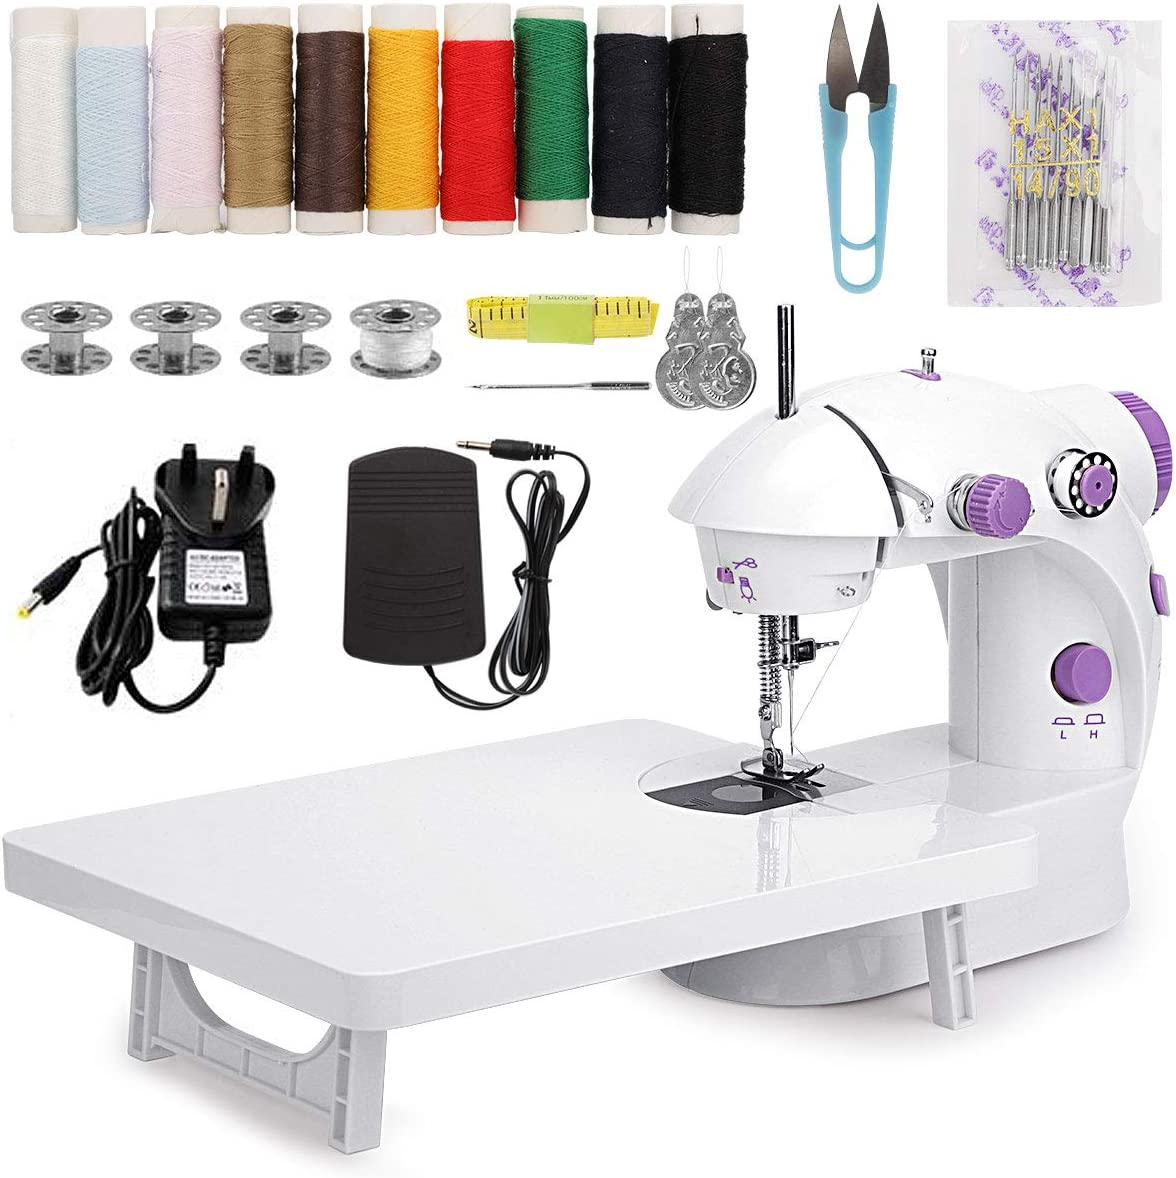 MinRi Mini máquina de coser con mesa de extensión de actualización, doble hilo ajustable y dos velocidades, kit de costura portátil para el hogar, viajes, niños, principiantes